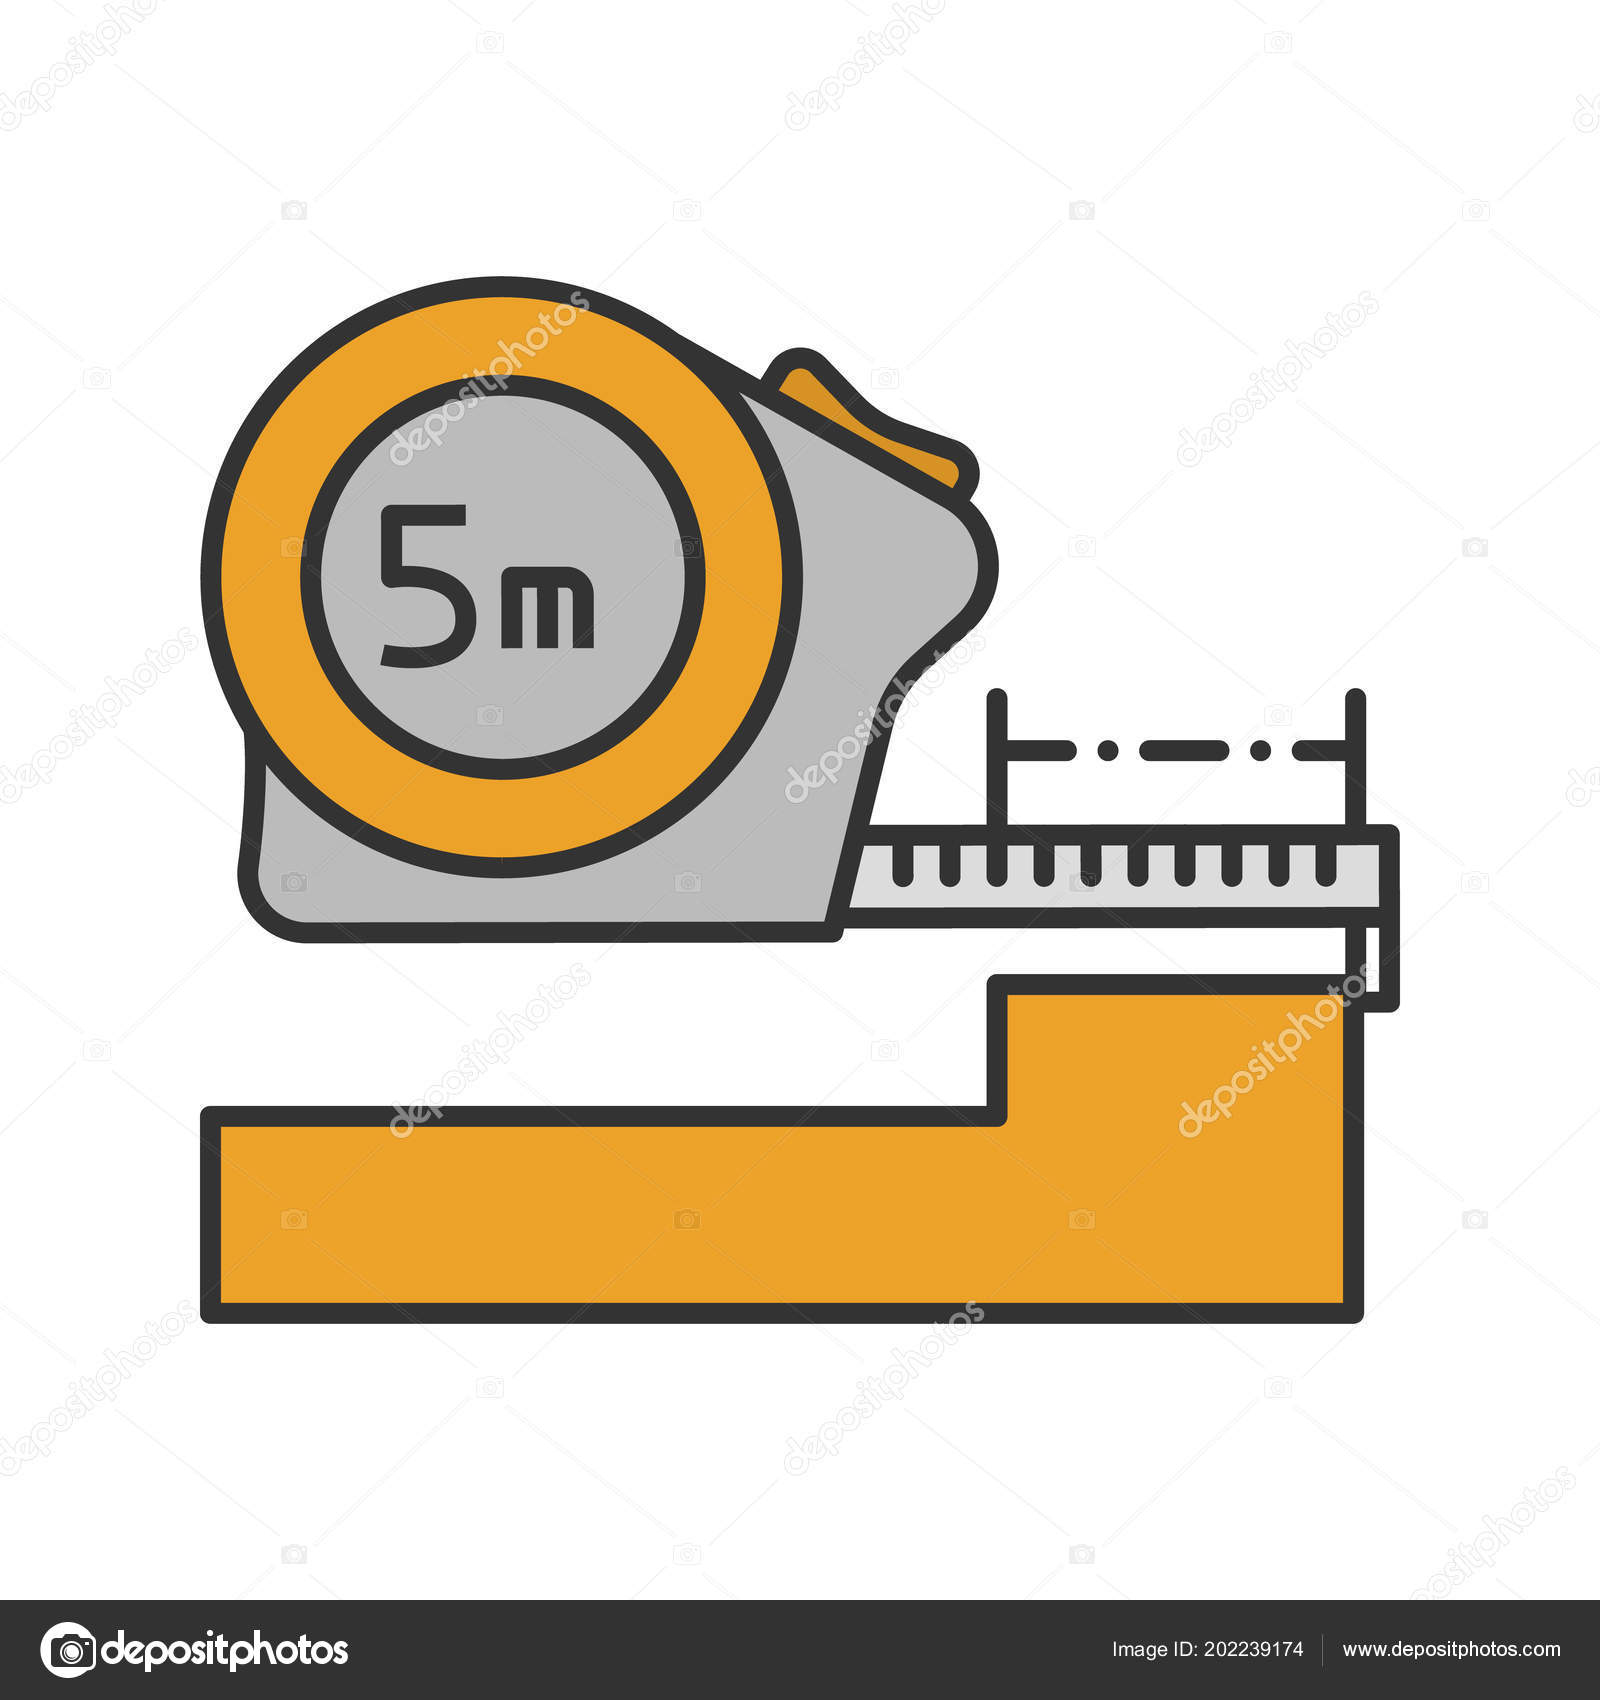 que es la medida de longitud el metro